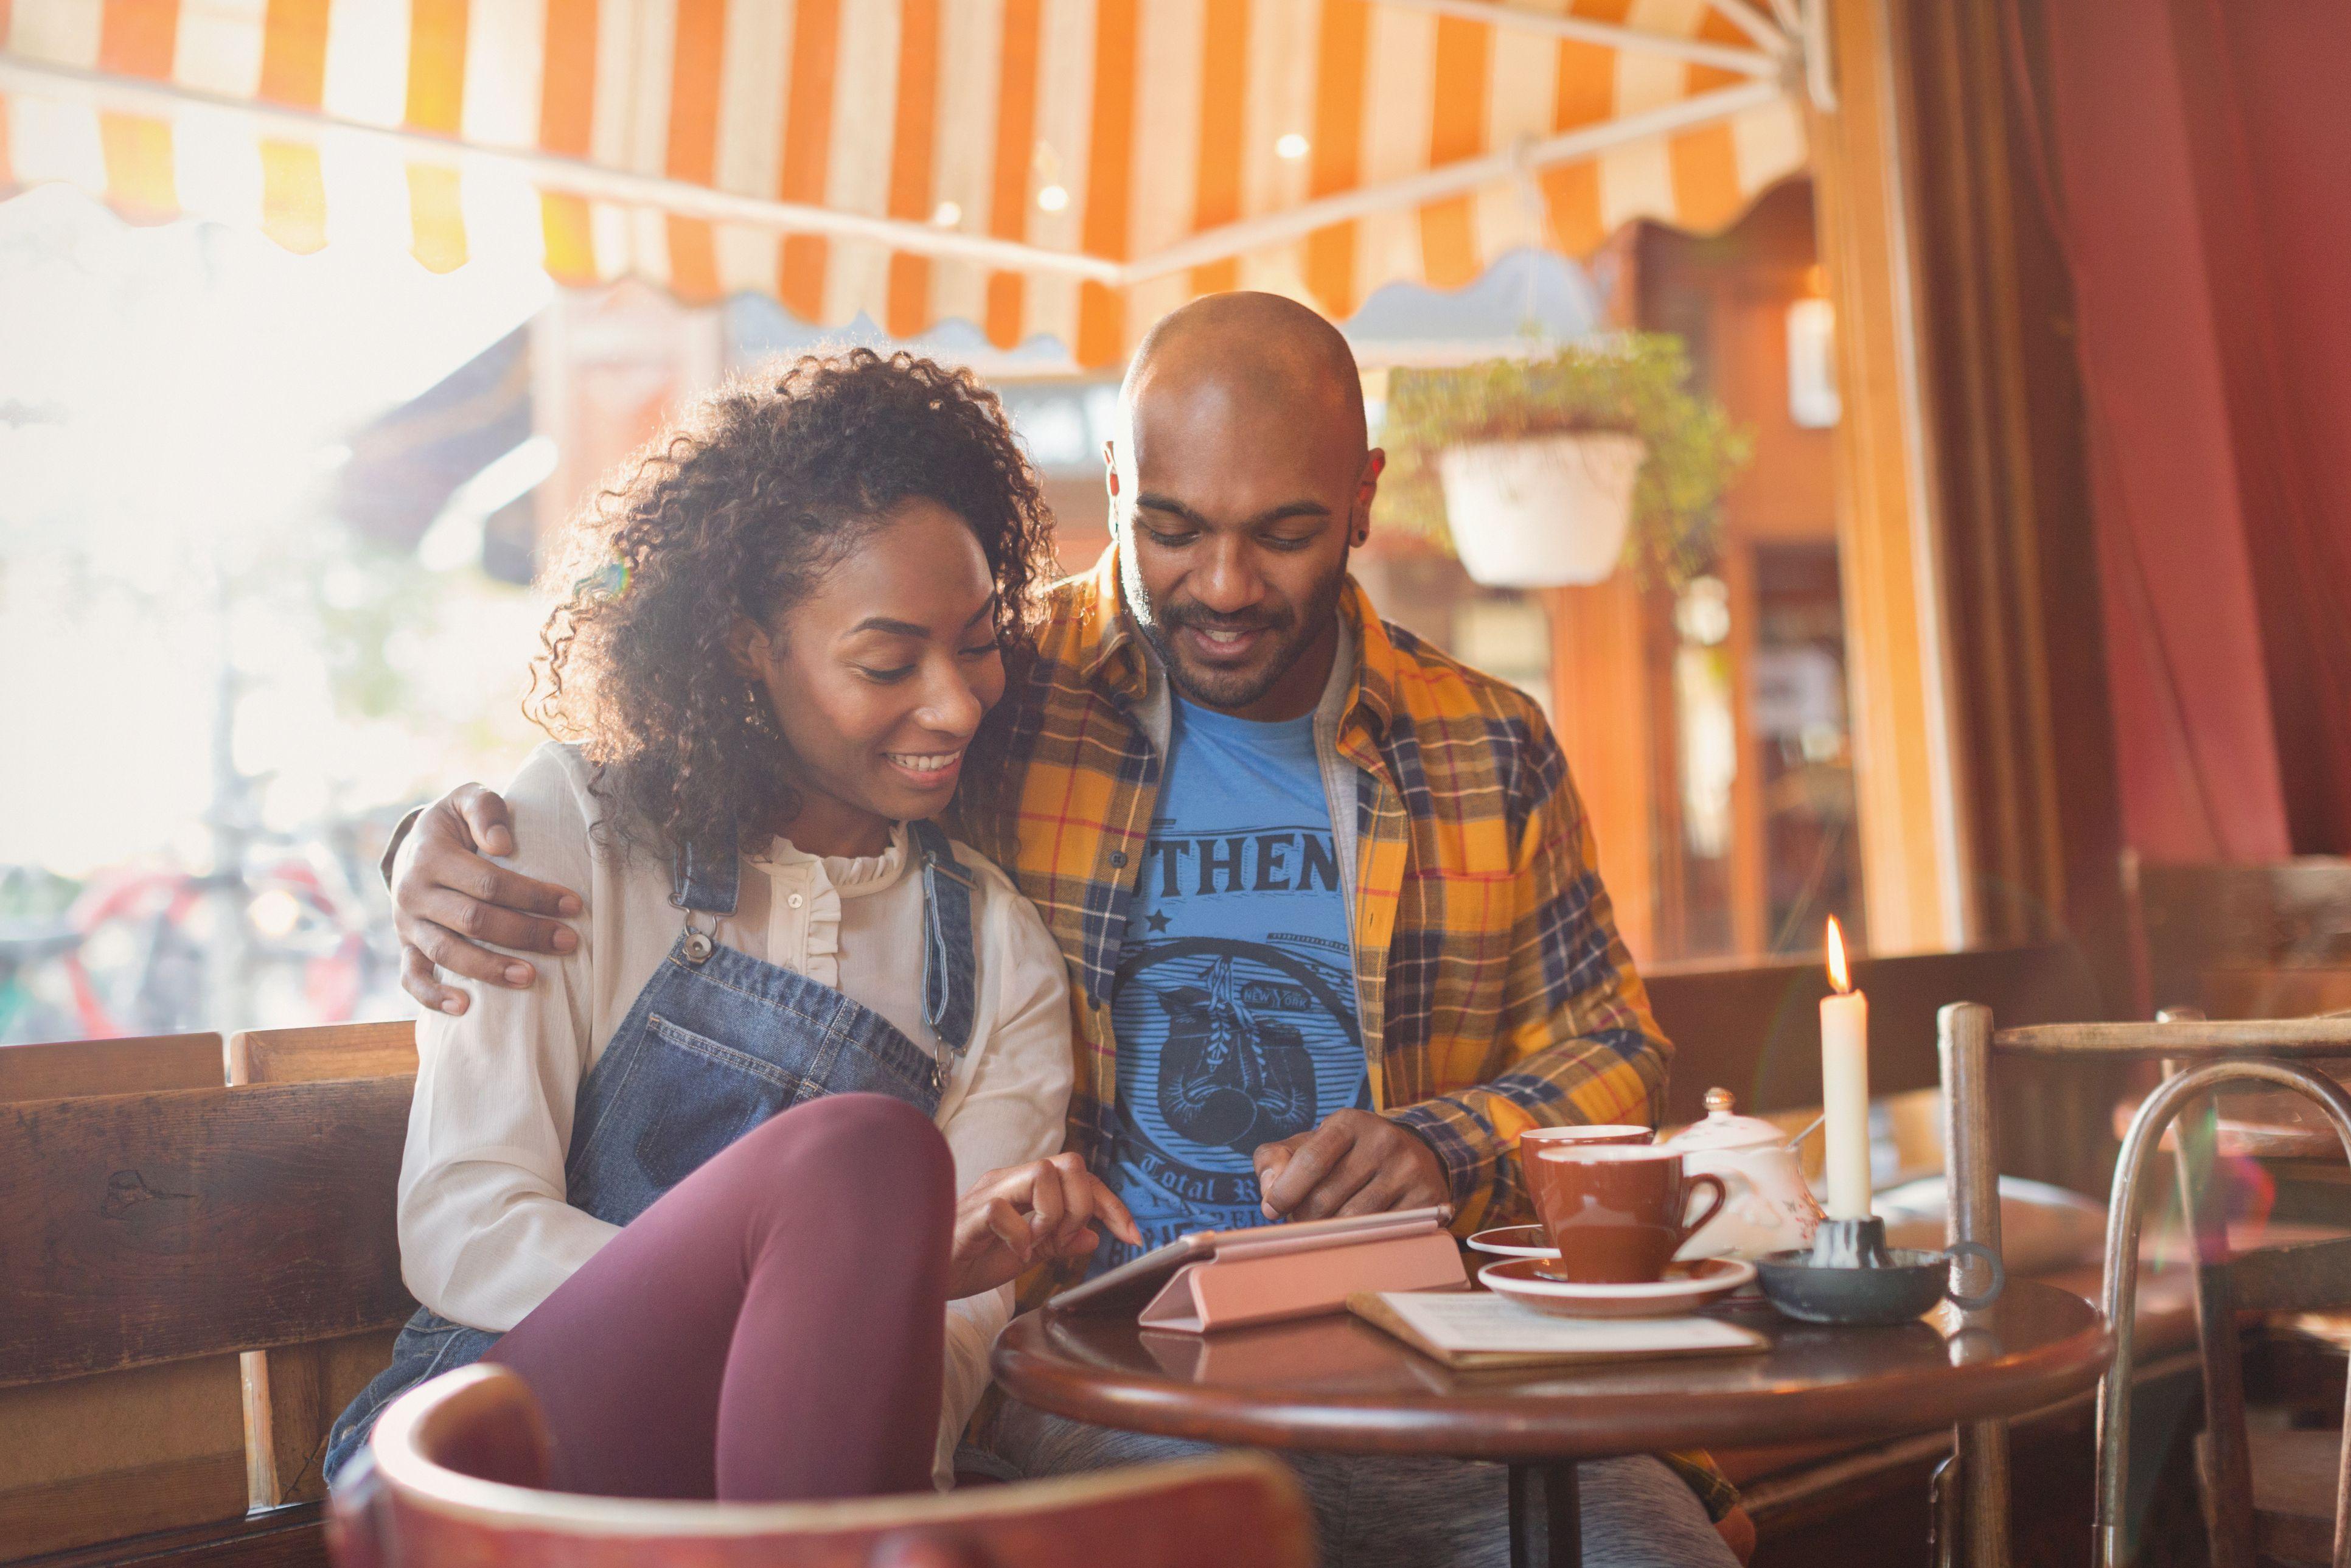 dating advies hoe je niet om jezelf te verliezen in een relatie